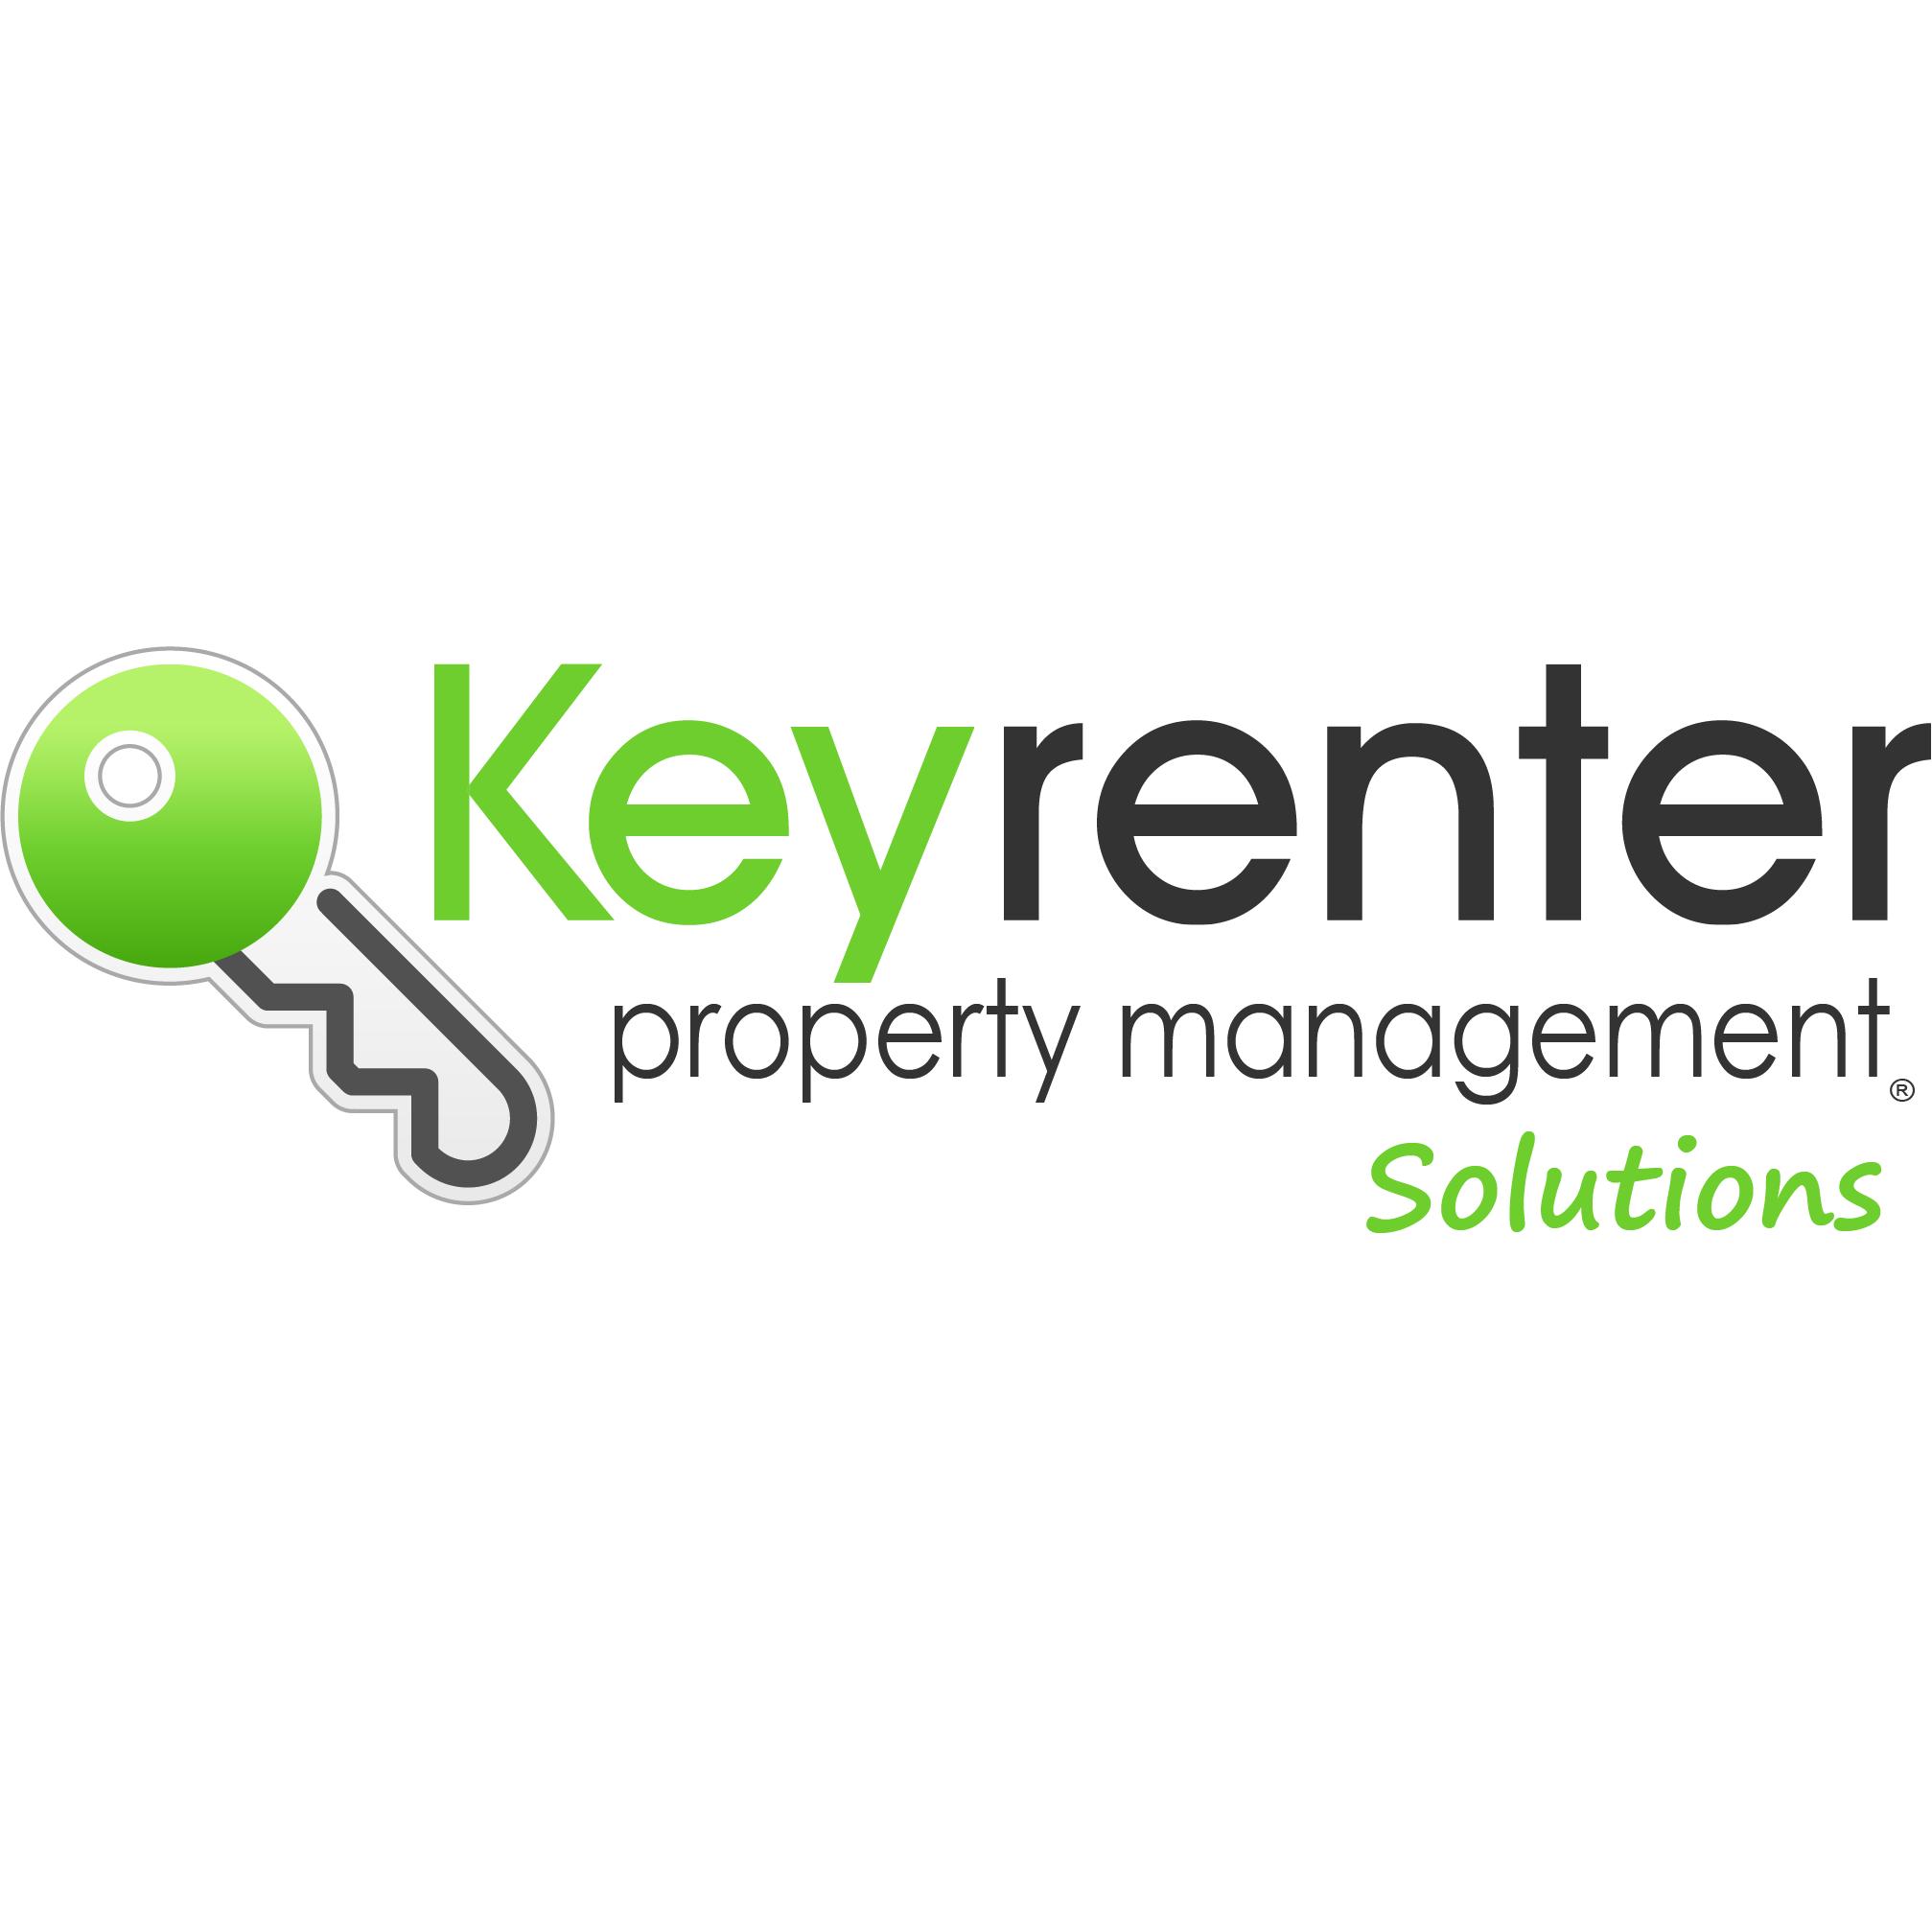 Keyrenter Property Management Solutions